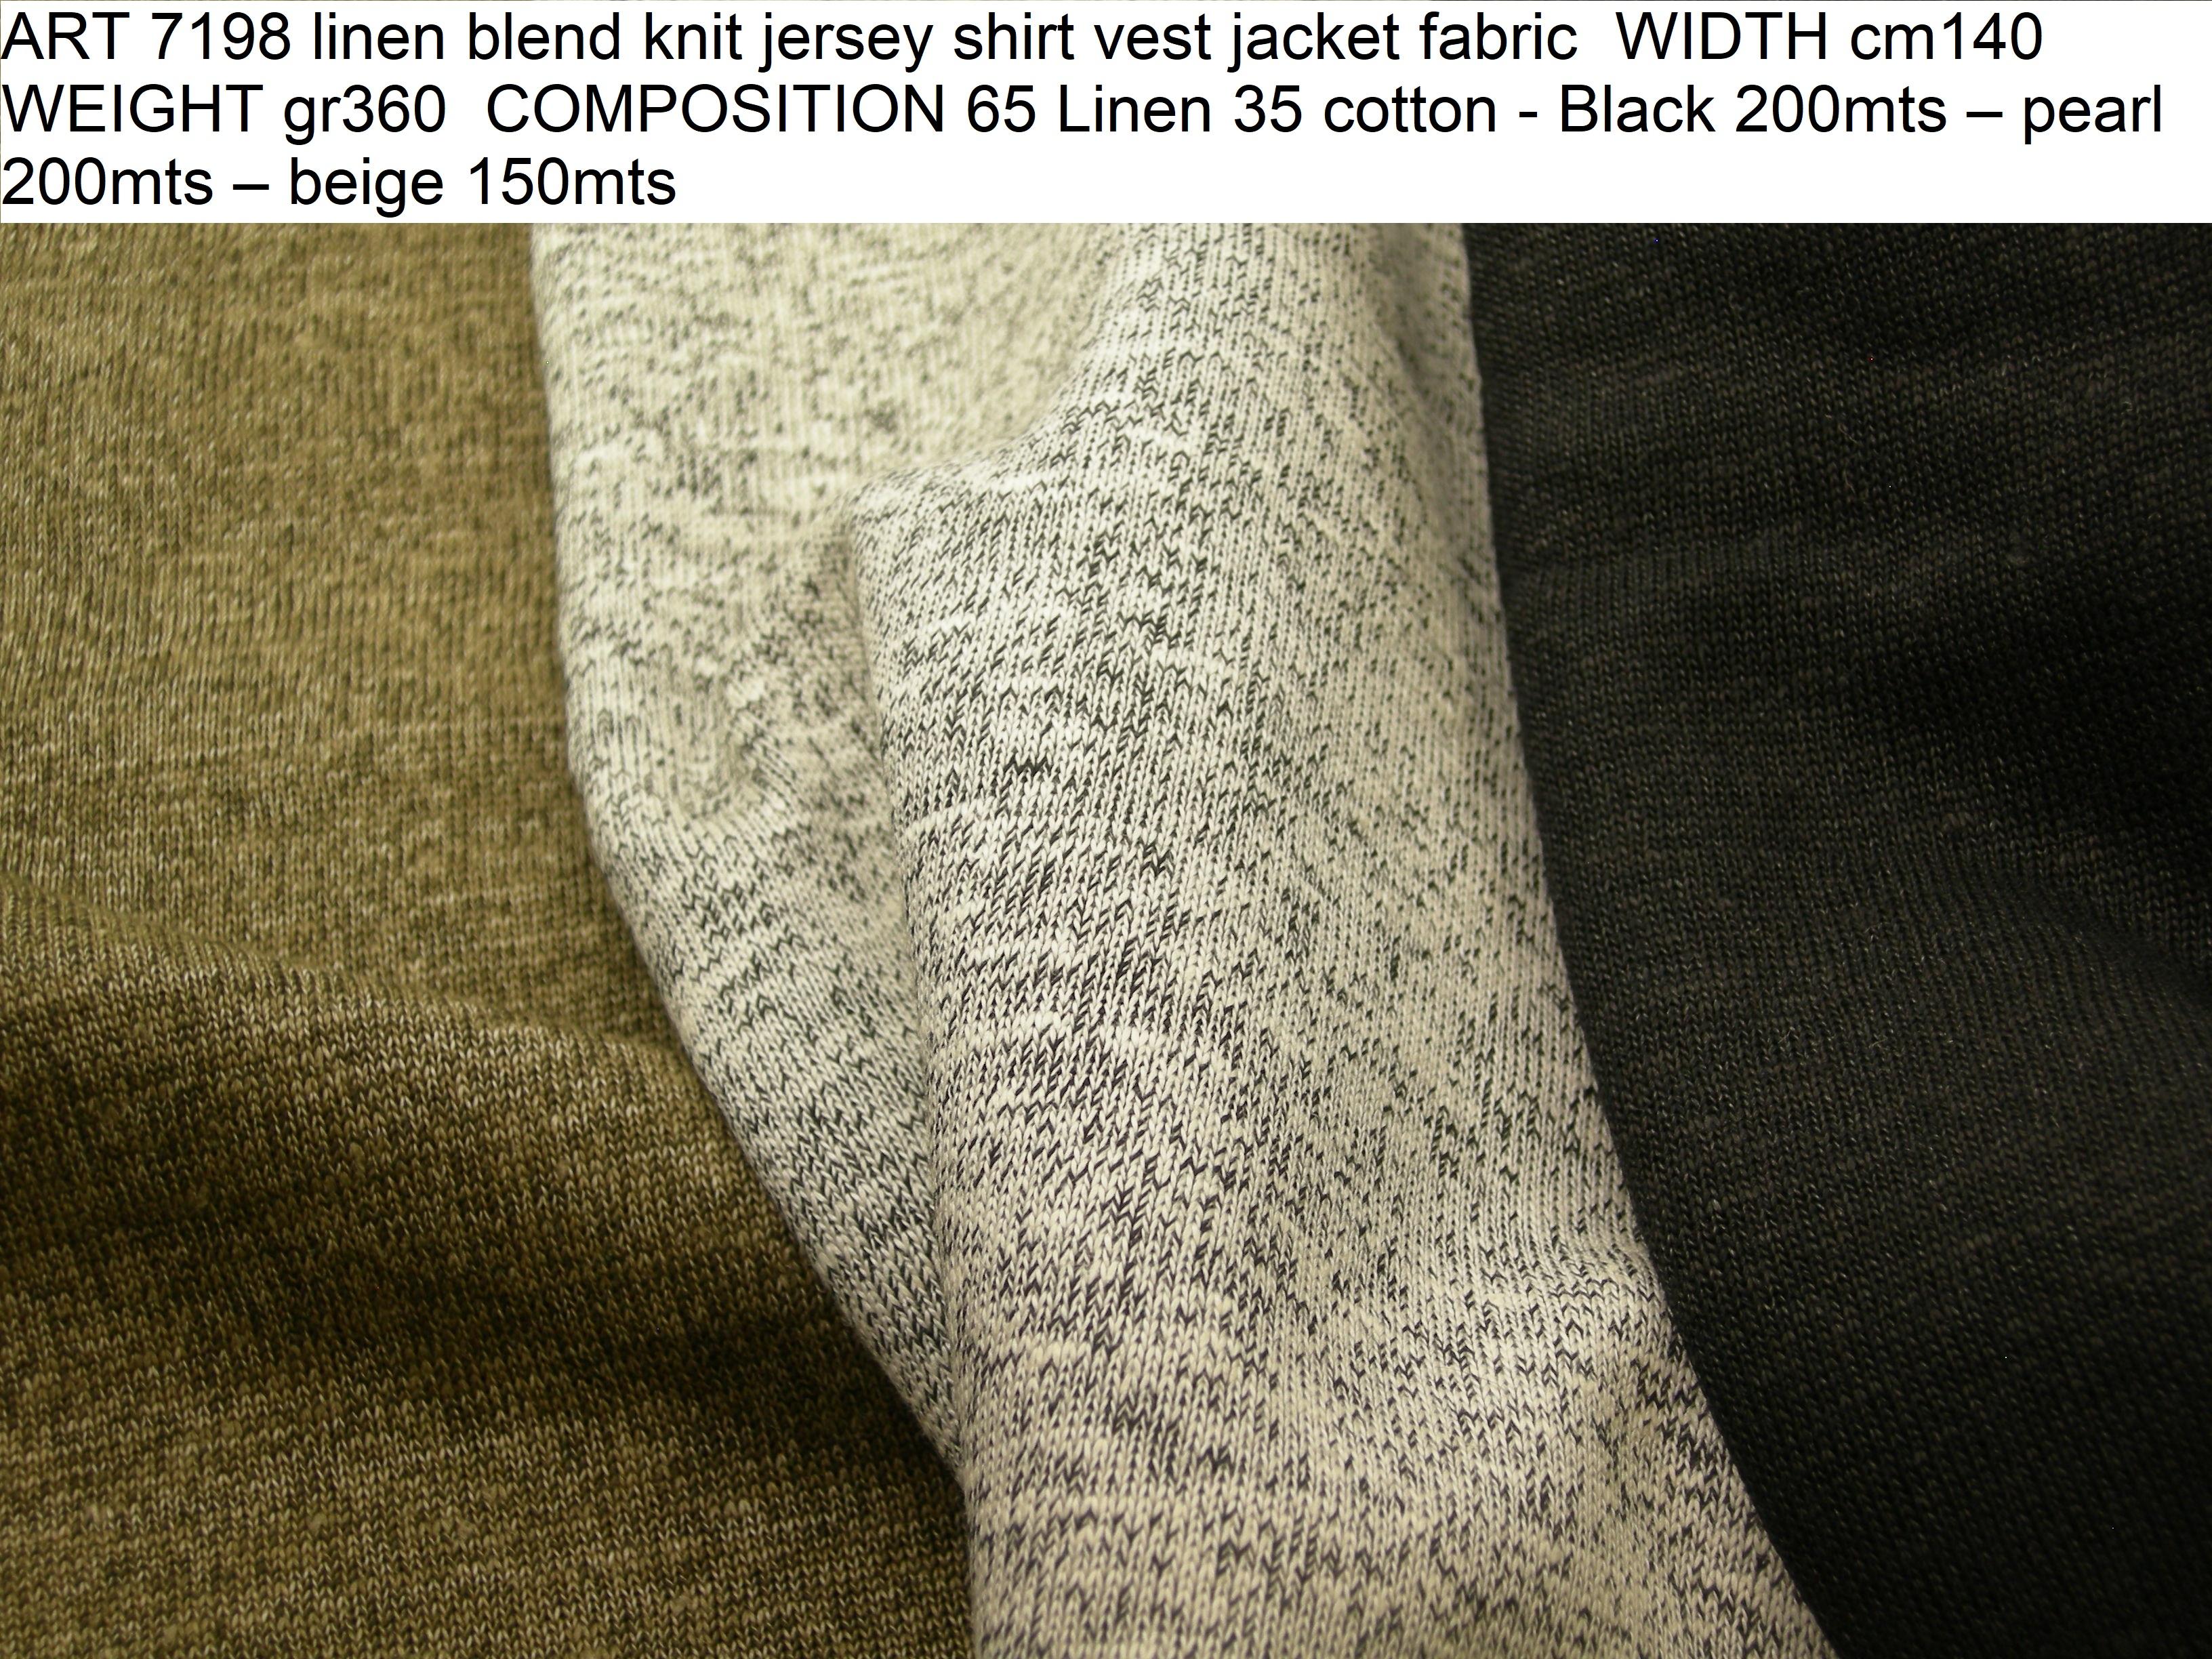 ART 7198 linen blend knit jersey shirt vest jacket fabric WIDTH cm140 WEIGHT gr360 COMPOSITION 65 Linen 35 cotton - Black 200mts – pearl 200mts – beige 150mts